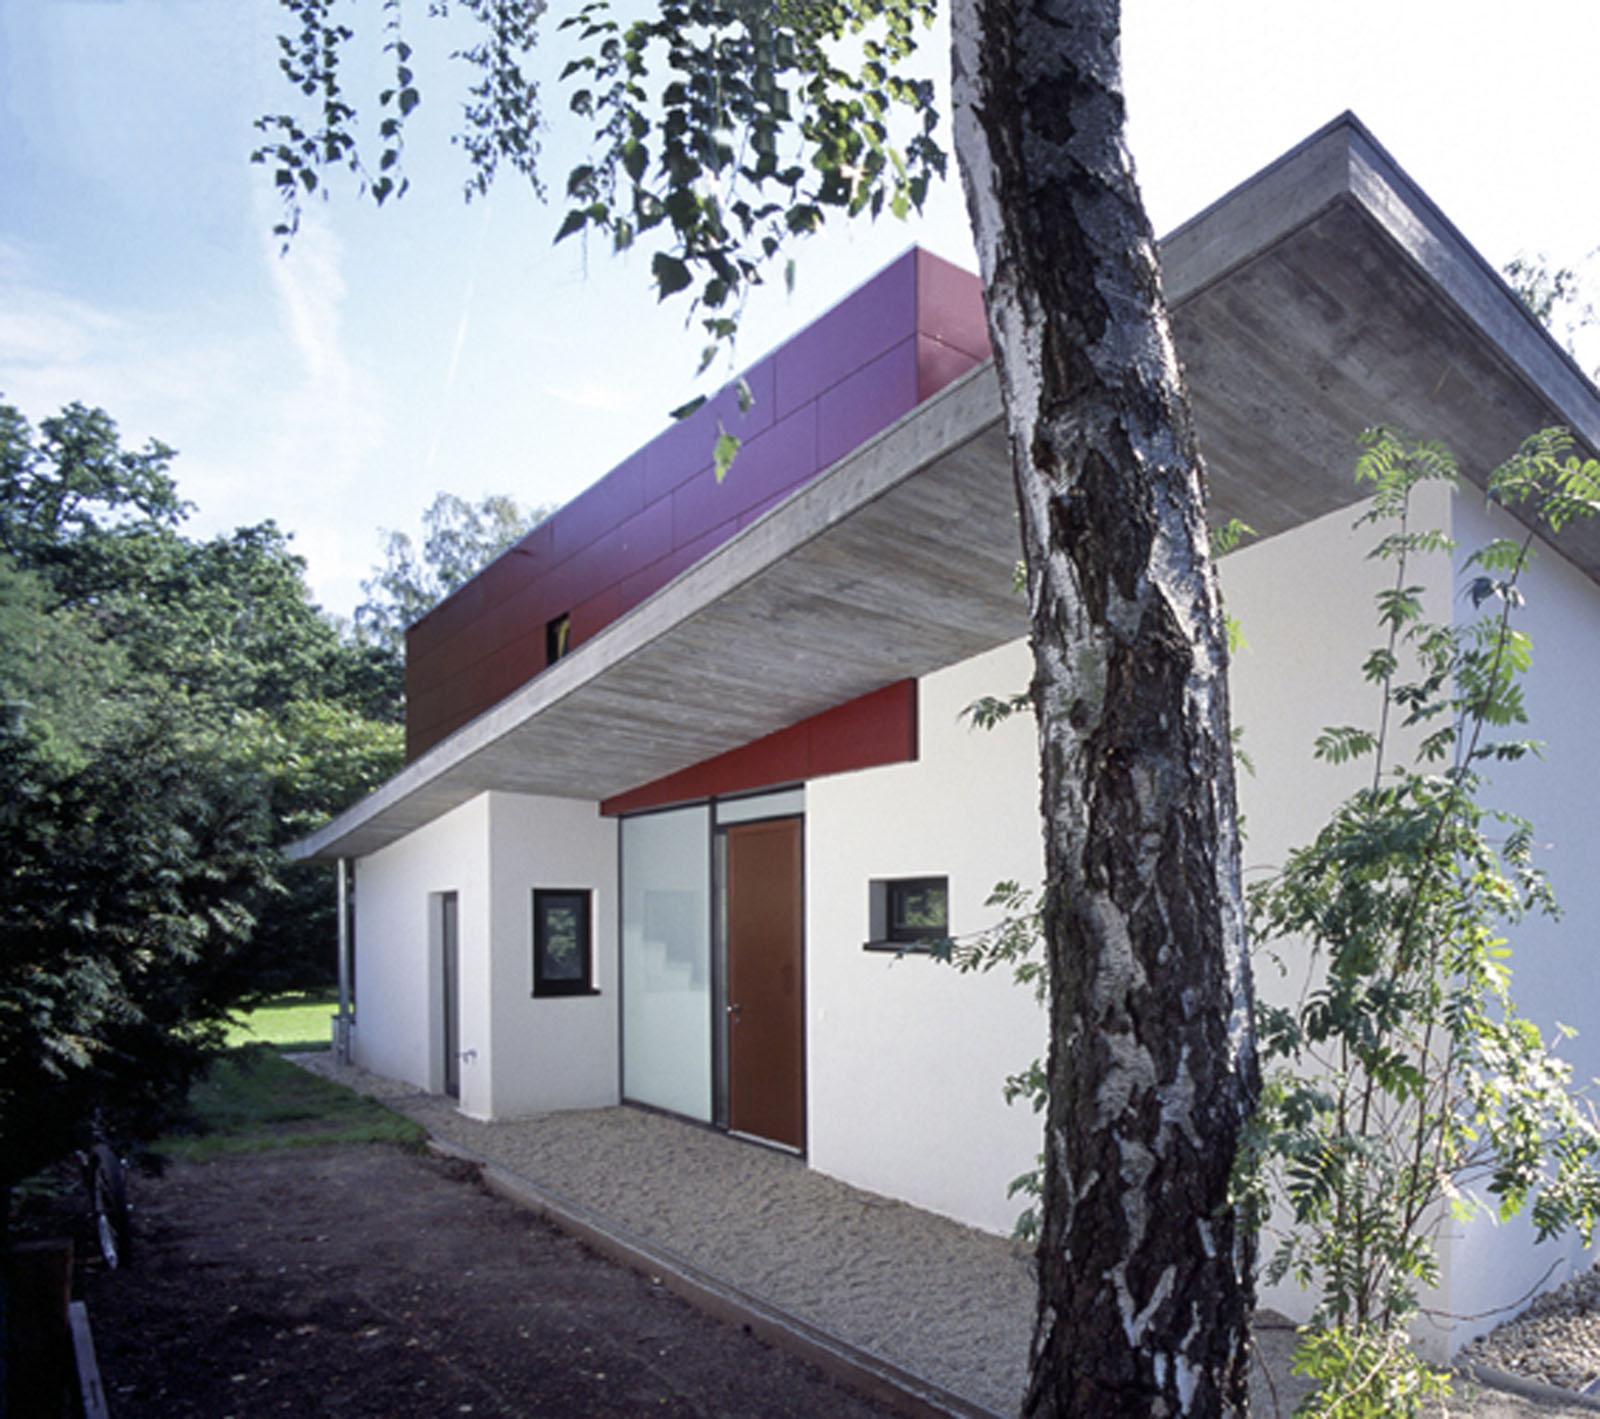 Einfamilienhaus Haus R, Kleinmachnow bei Berlin